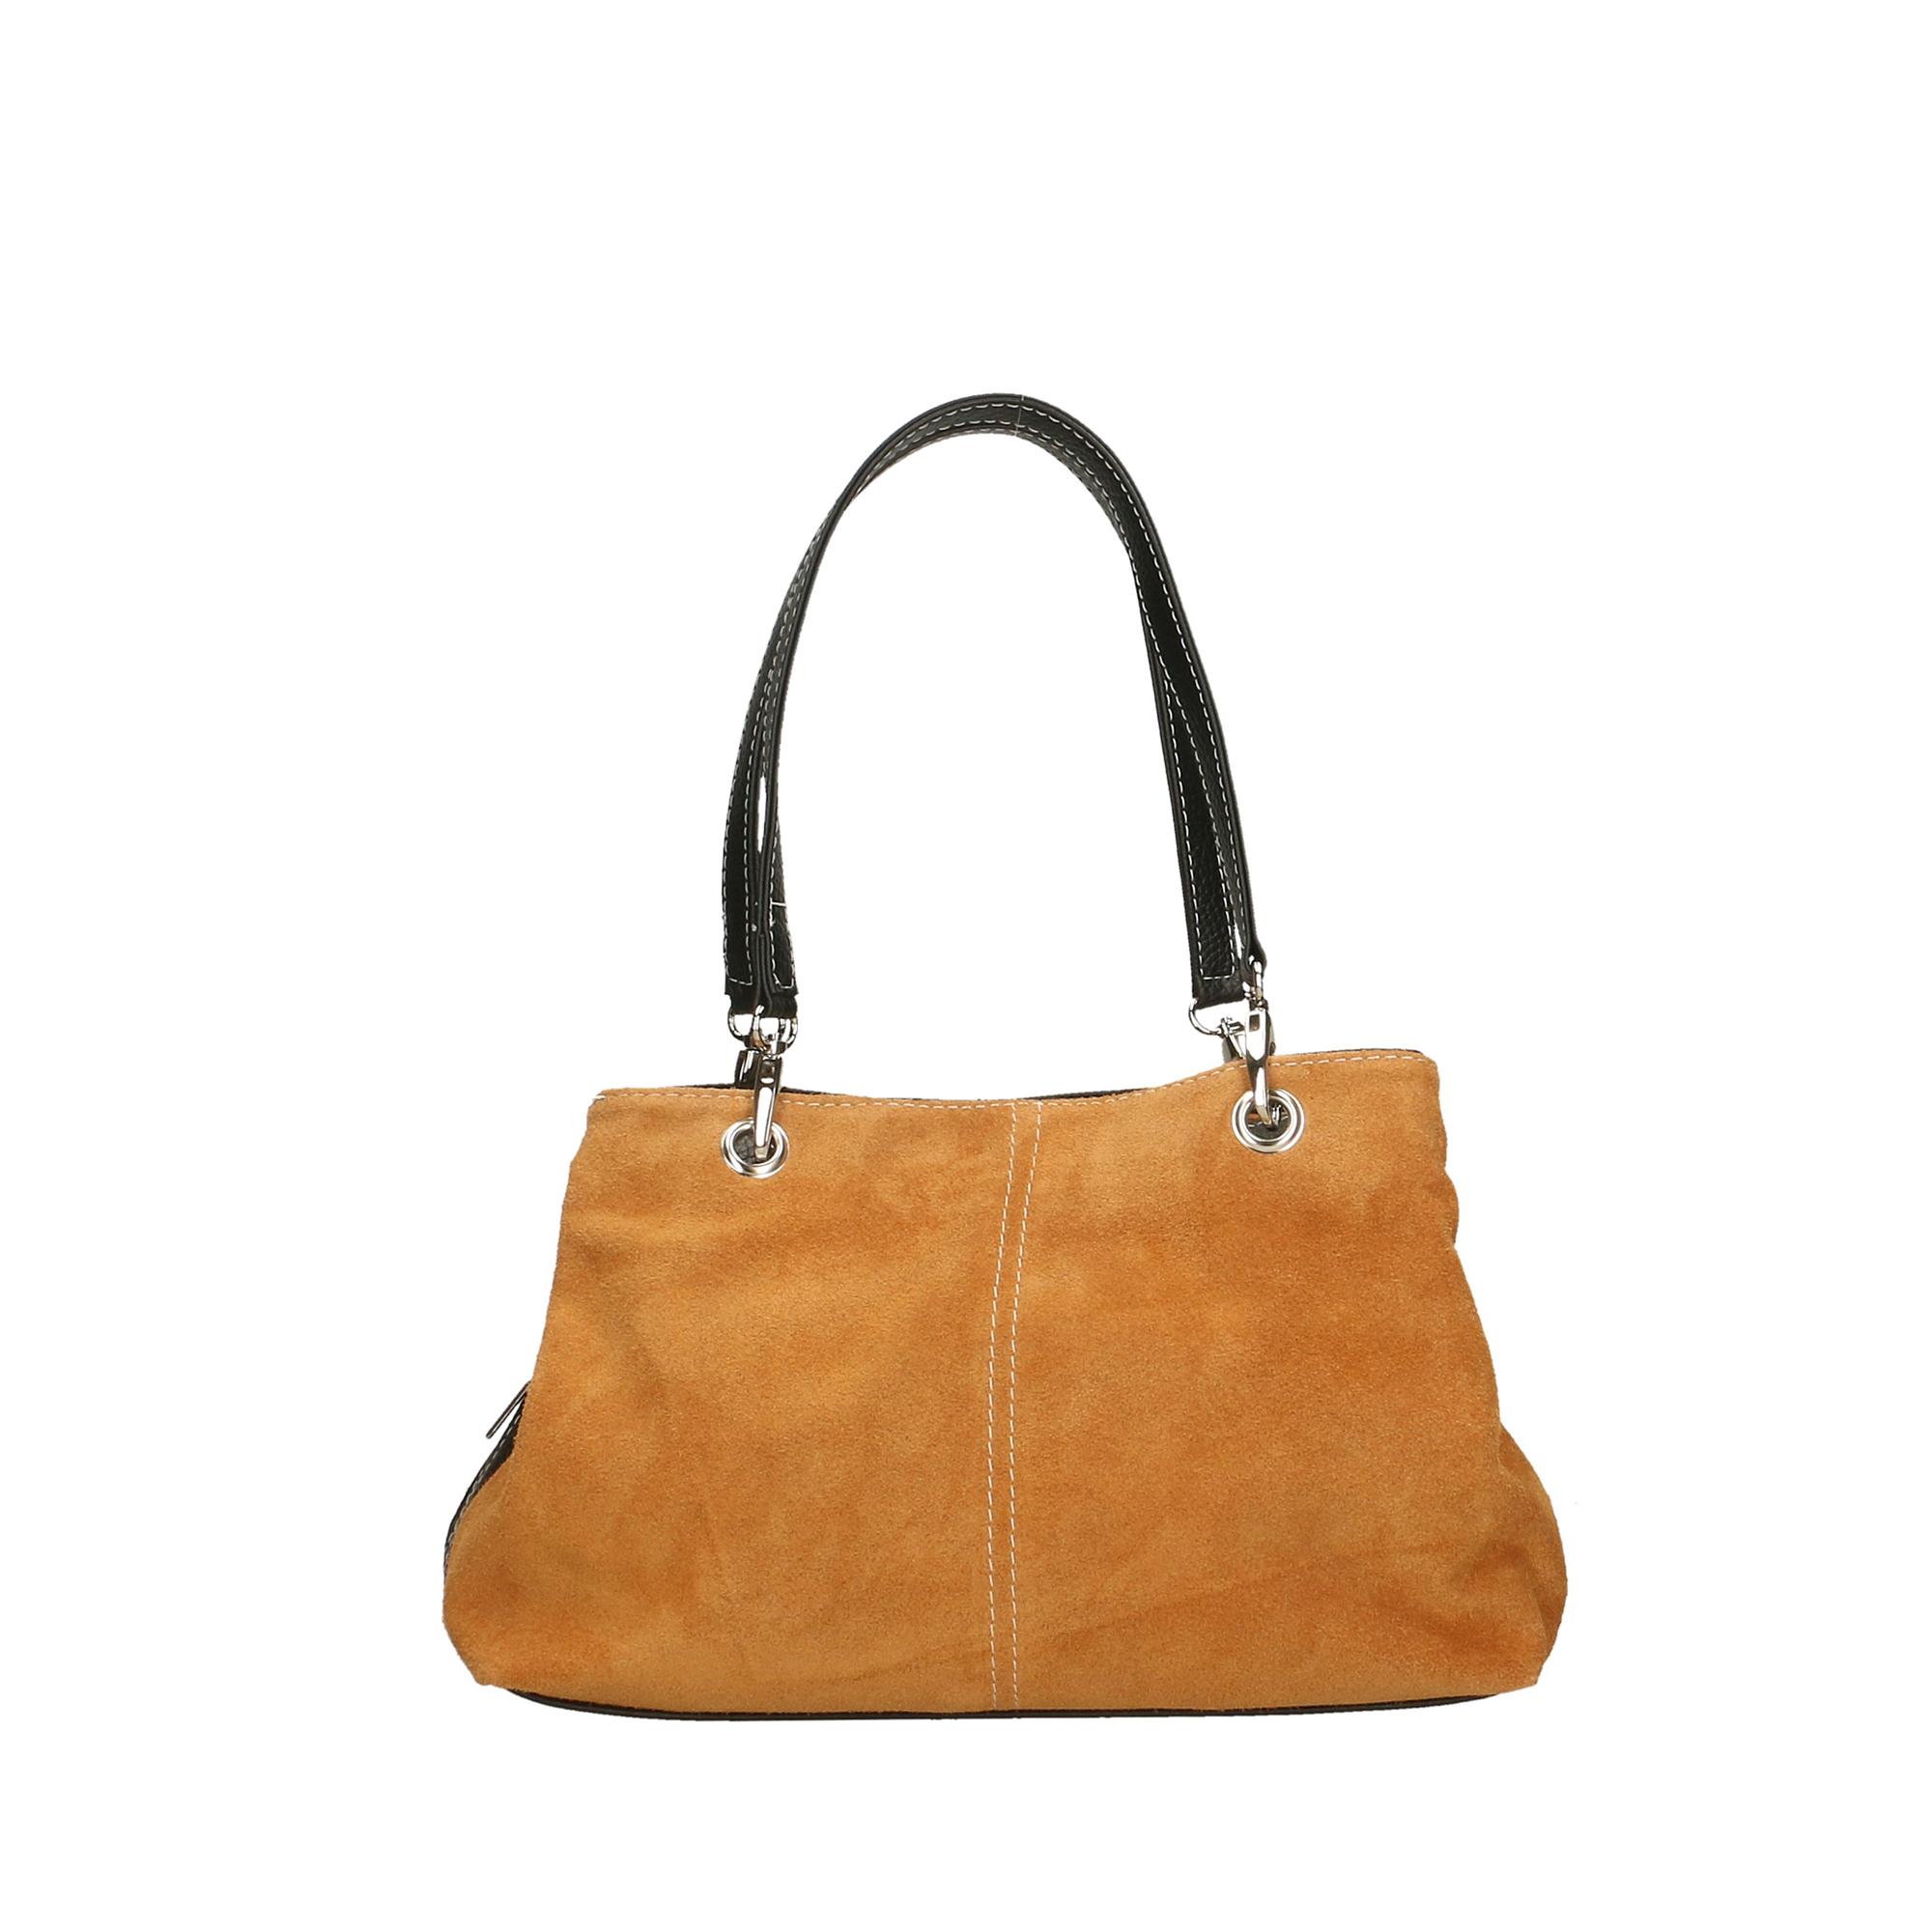 borsa vera pelle made in italy borsetta bag scamosciata con manici rosso 10028